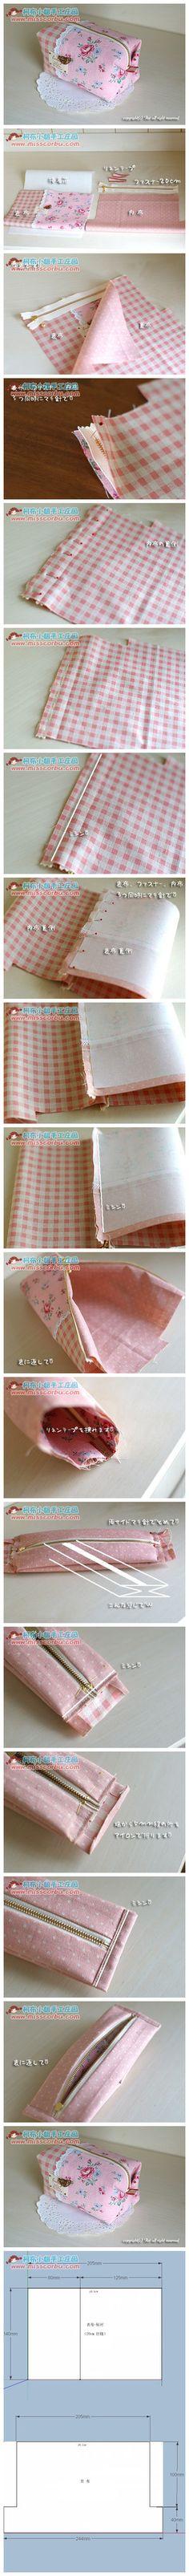 韩国达人化妆包教程+纸型 - 堆糖 发现生活_收集美好_分享图片